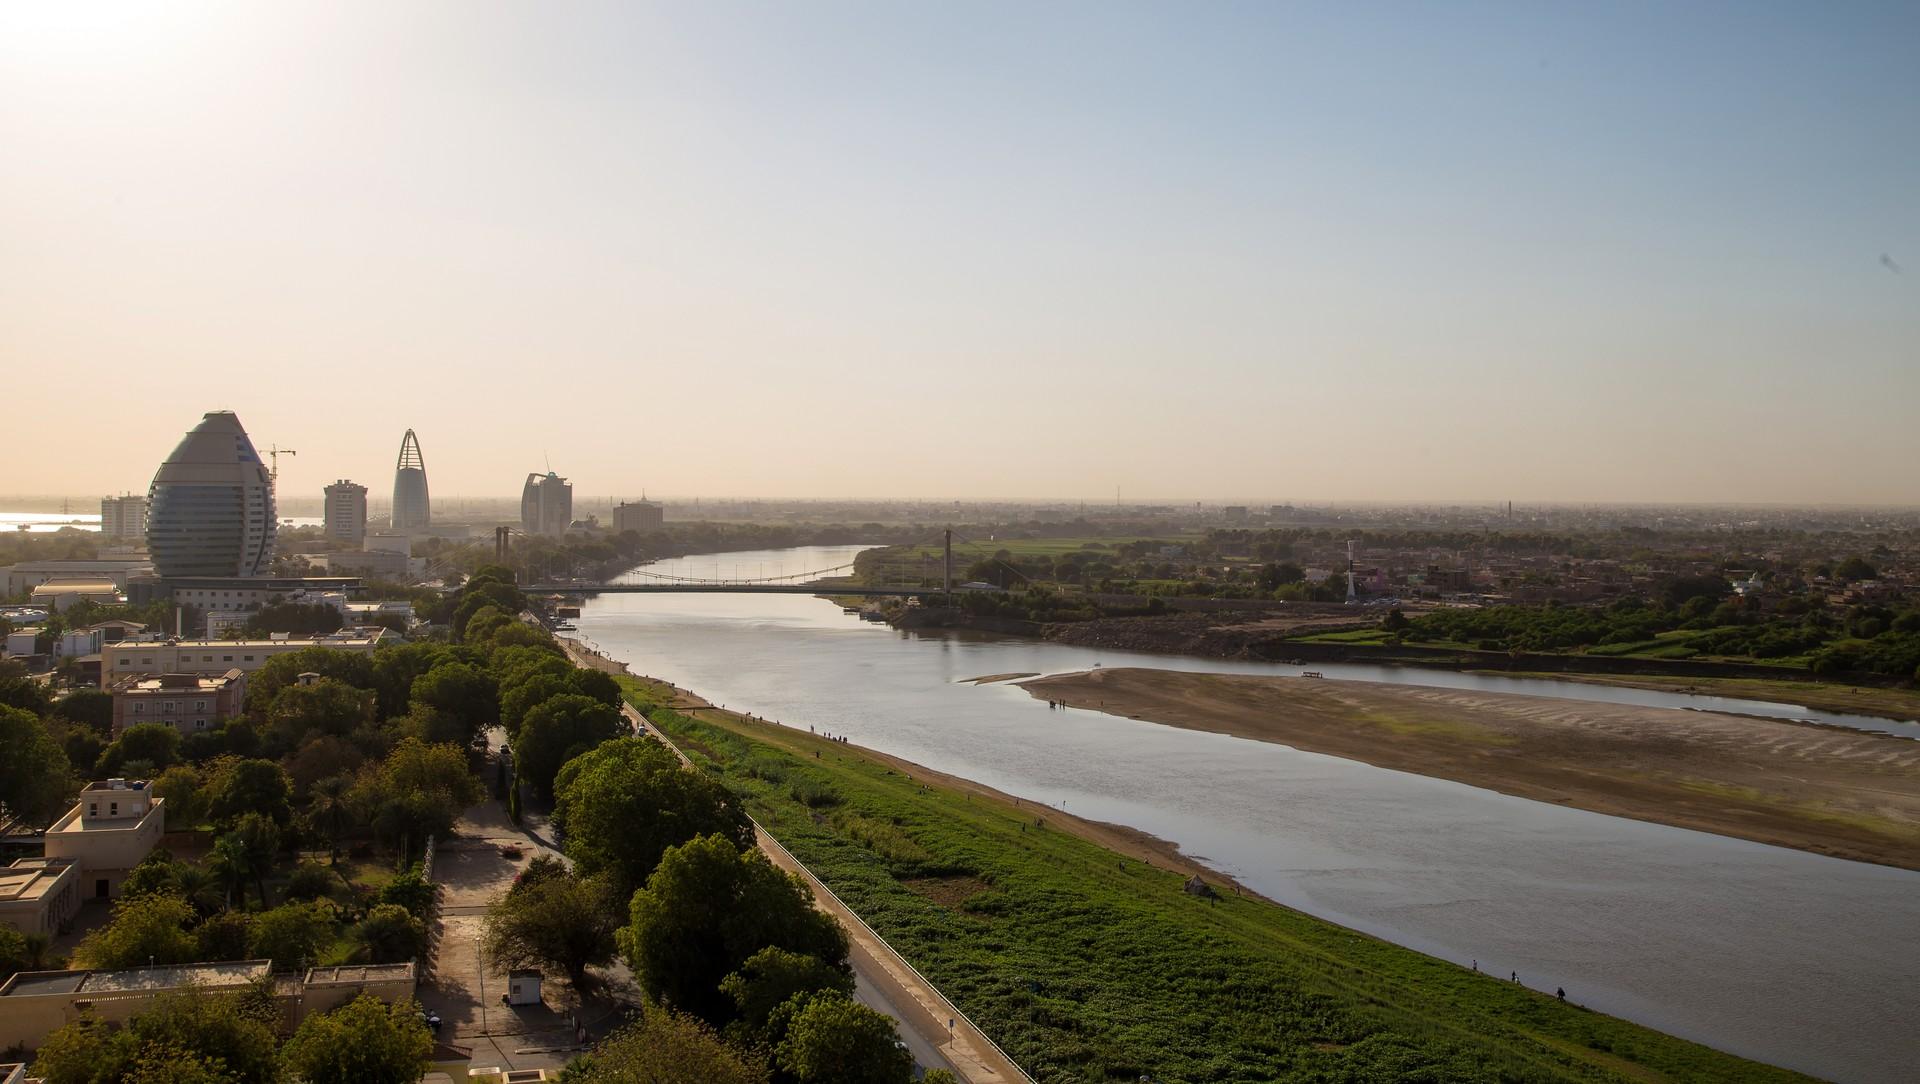 Best things to do in Sudan: Sambat Bridge